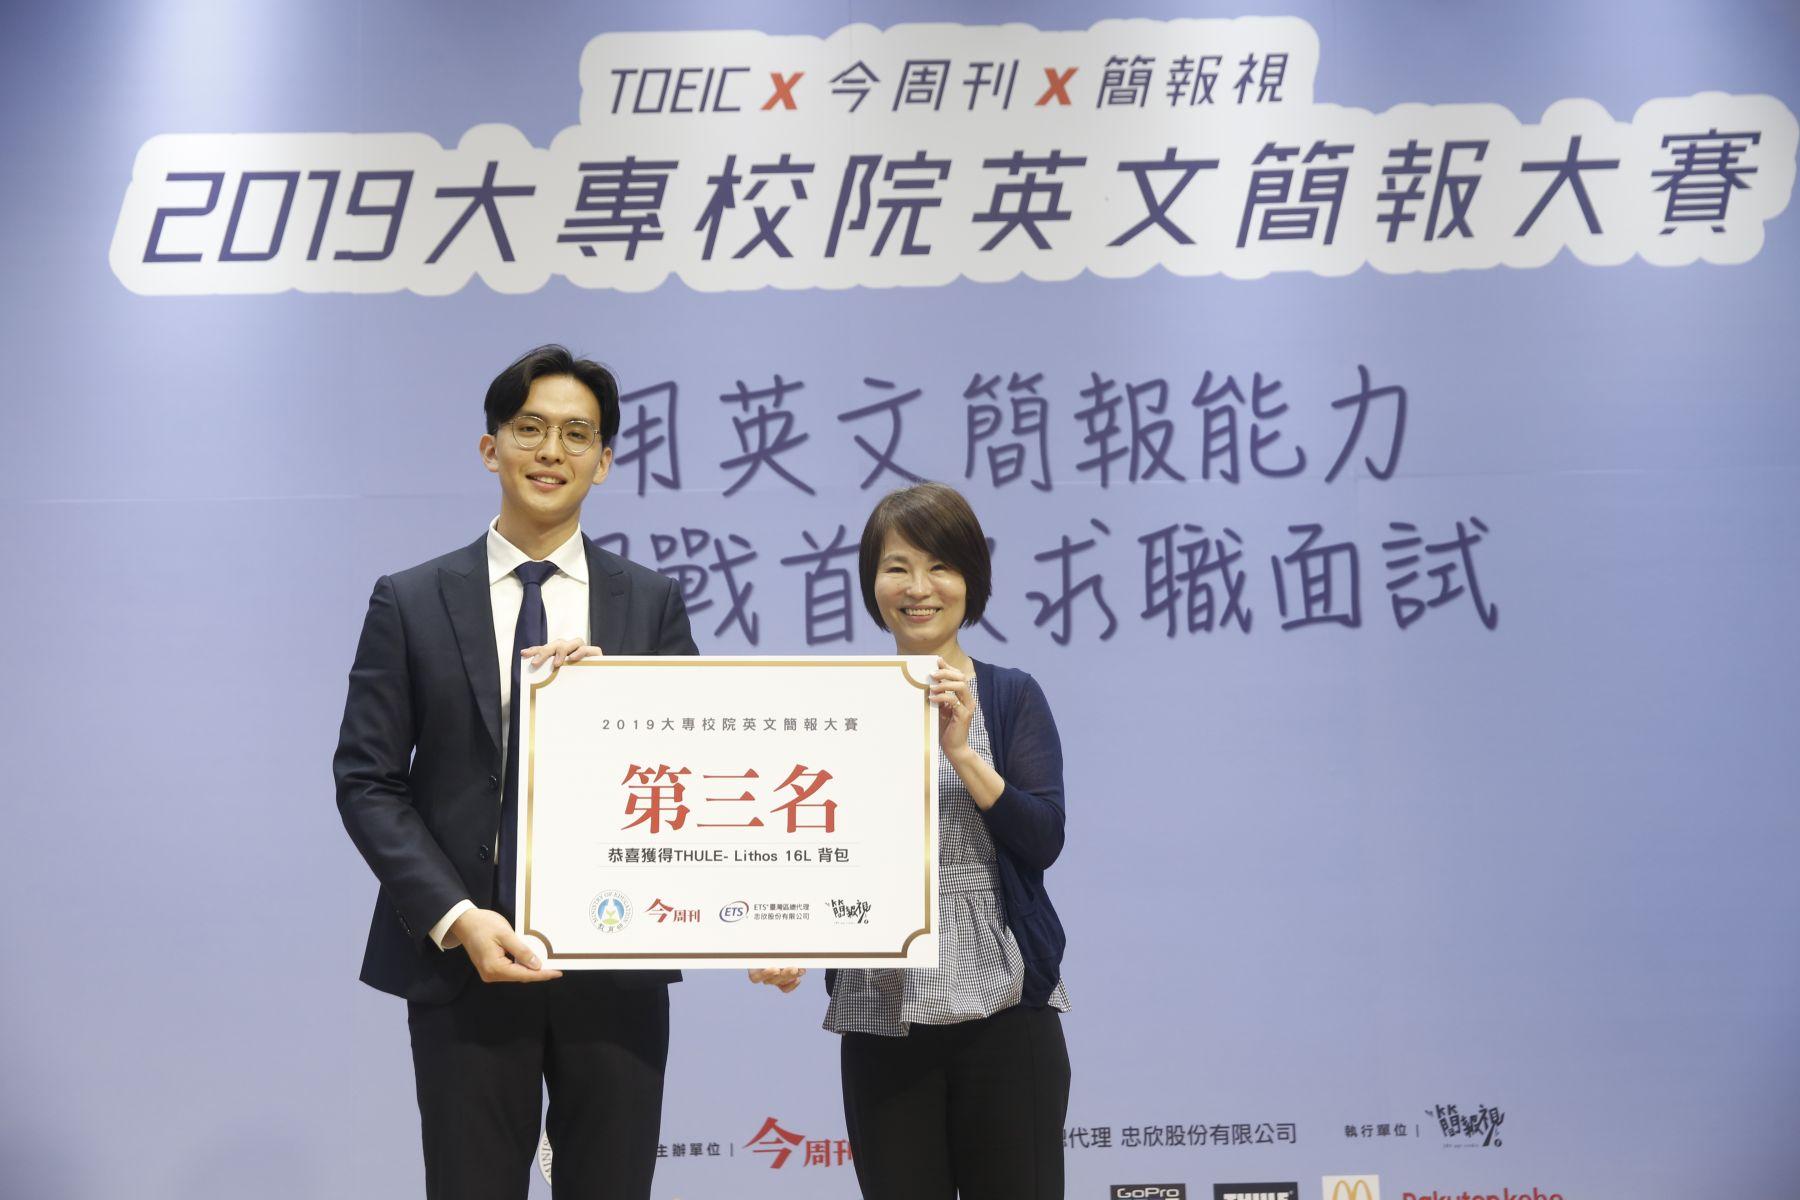 2019大專校院英文簡報大賽第三名劉慎遠與輝瑞大藥廠許雅鈴人資經理。